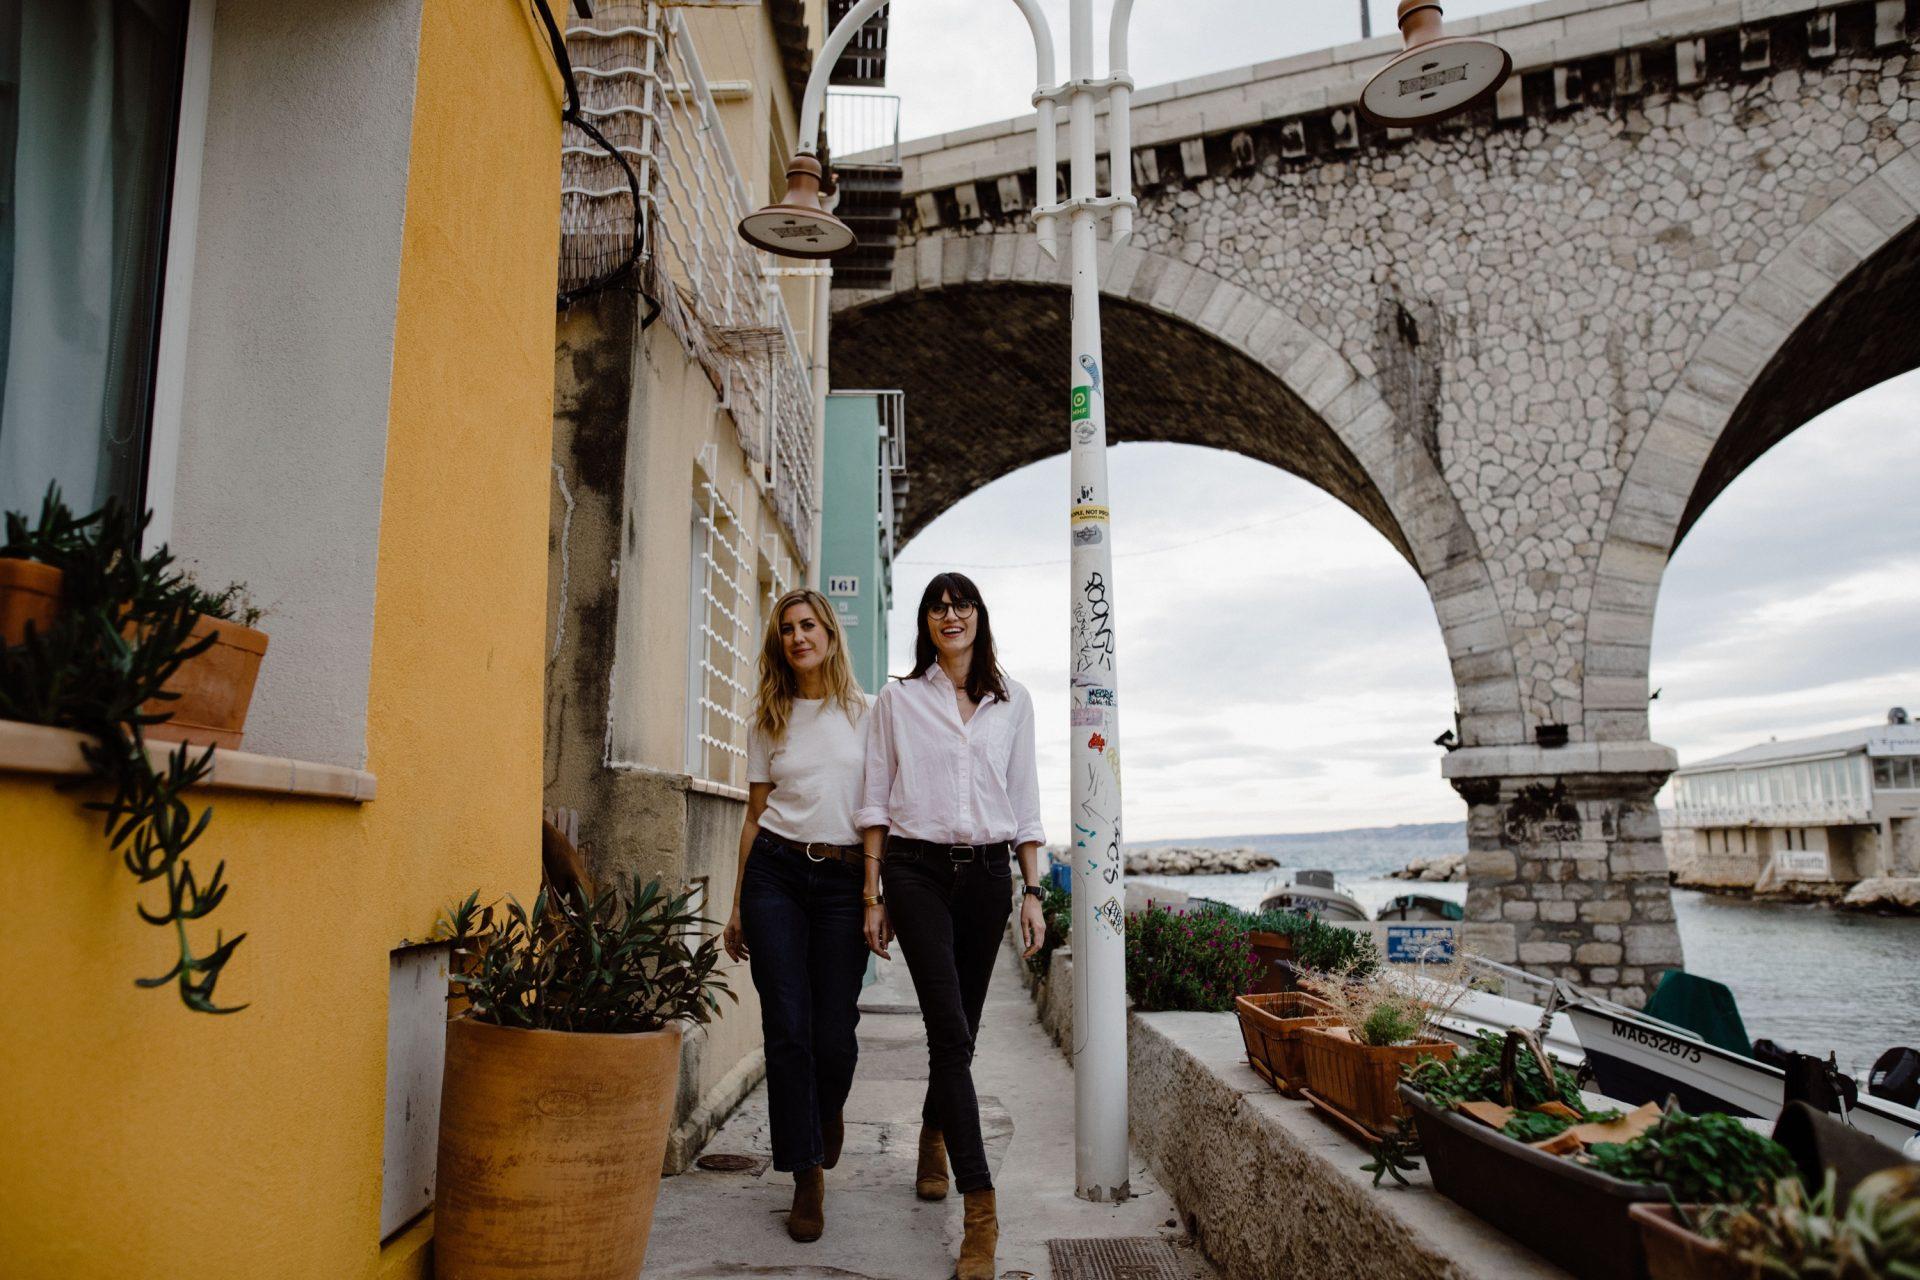 Le Marseille d'Aurélie & Alix, créatrices de La Nouvelle